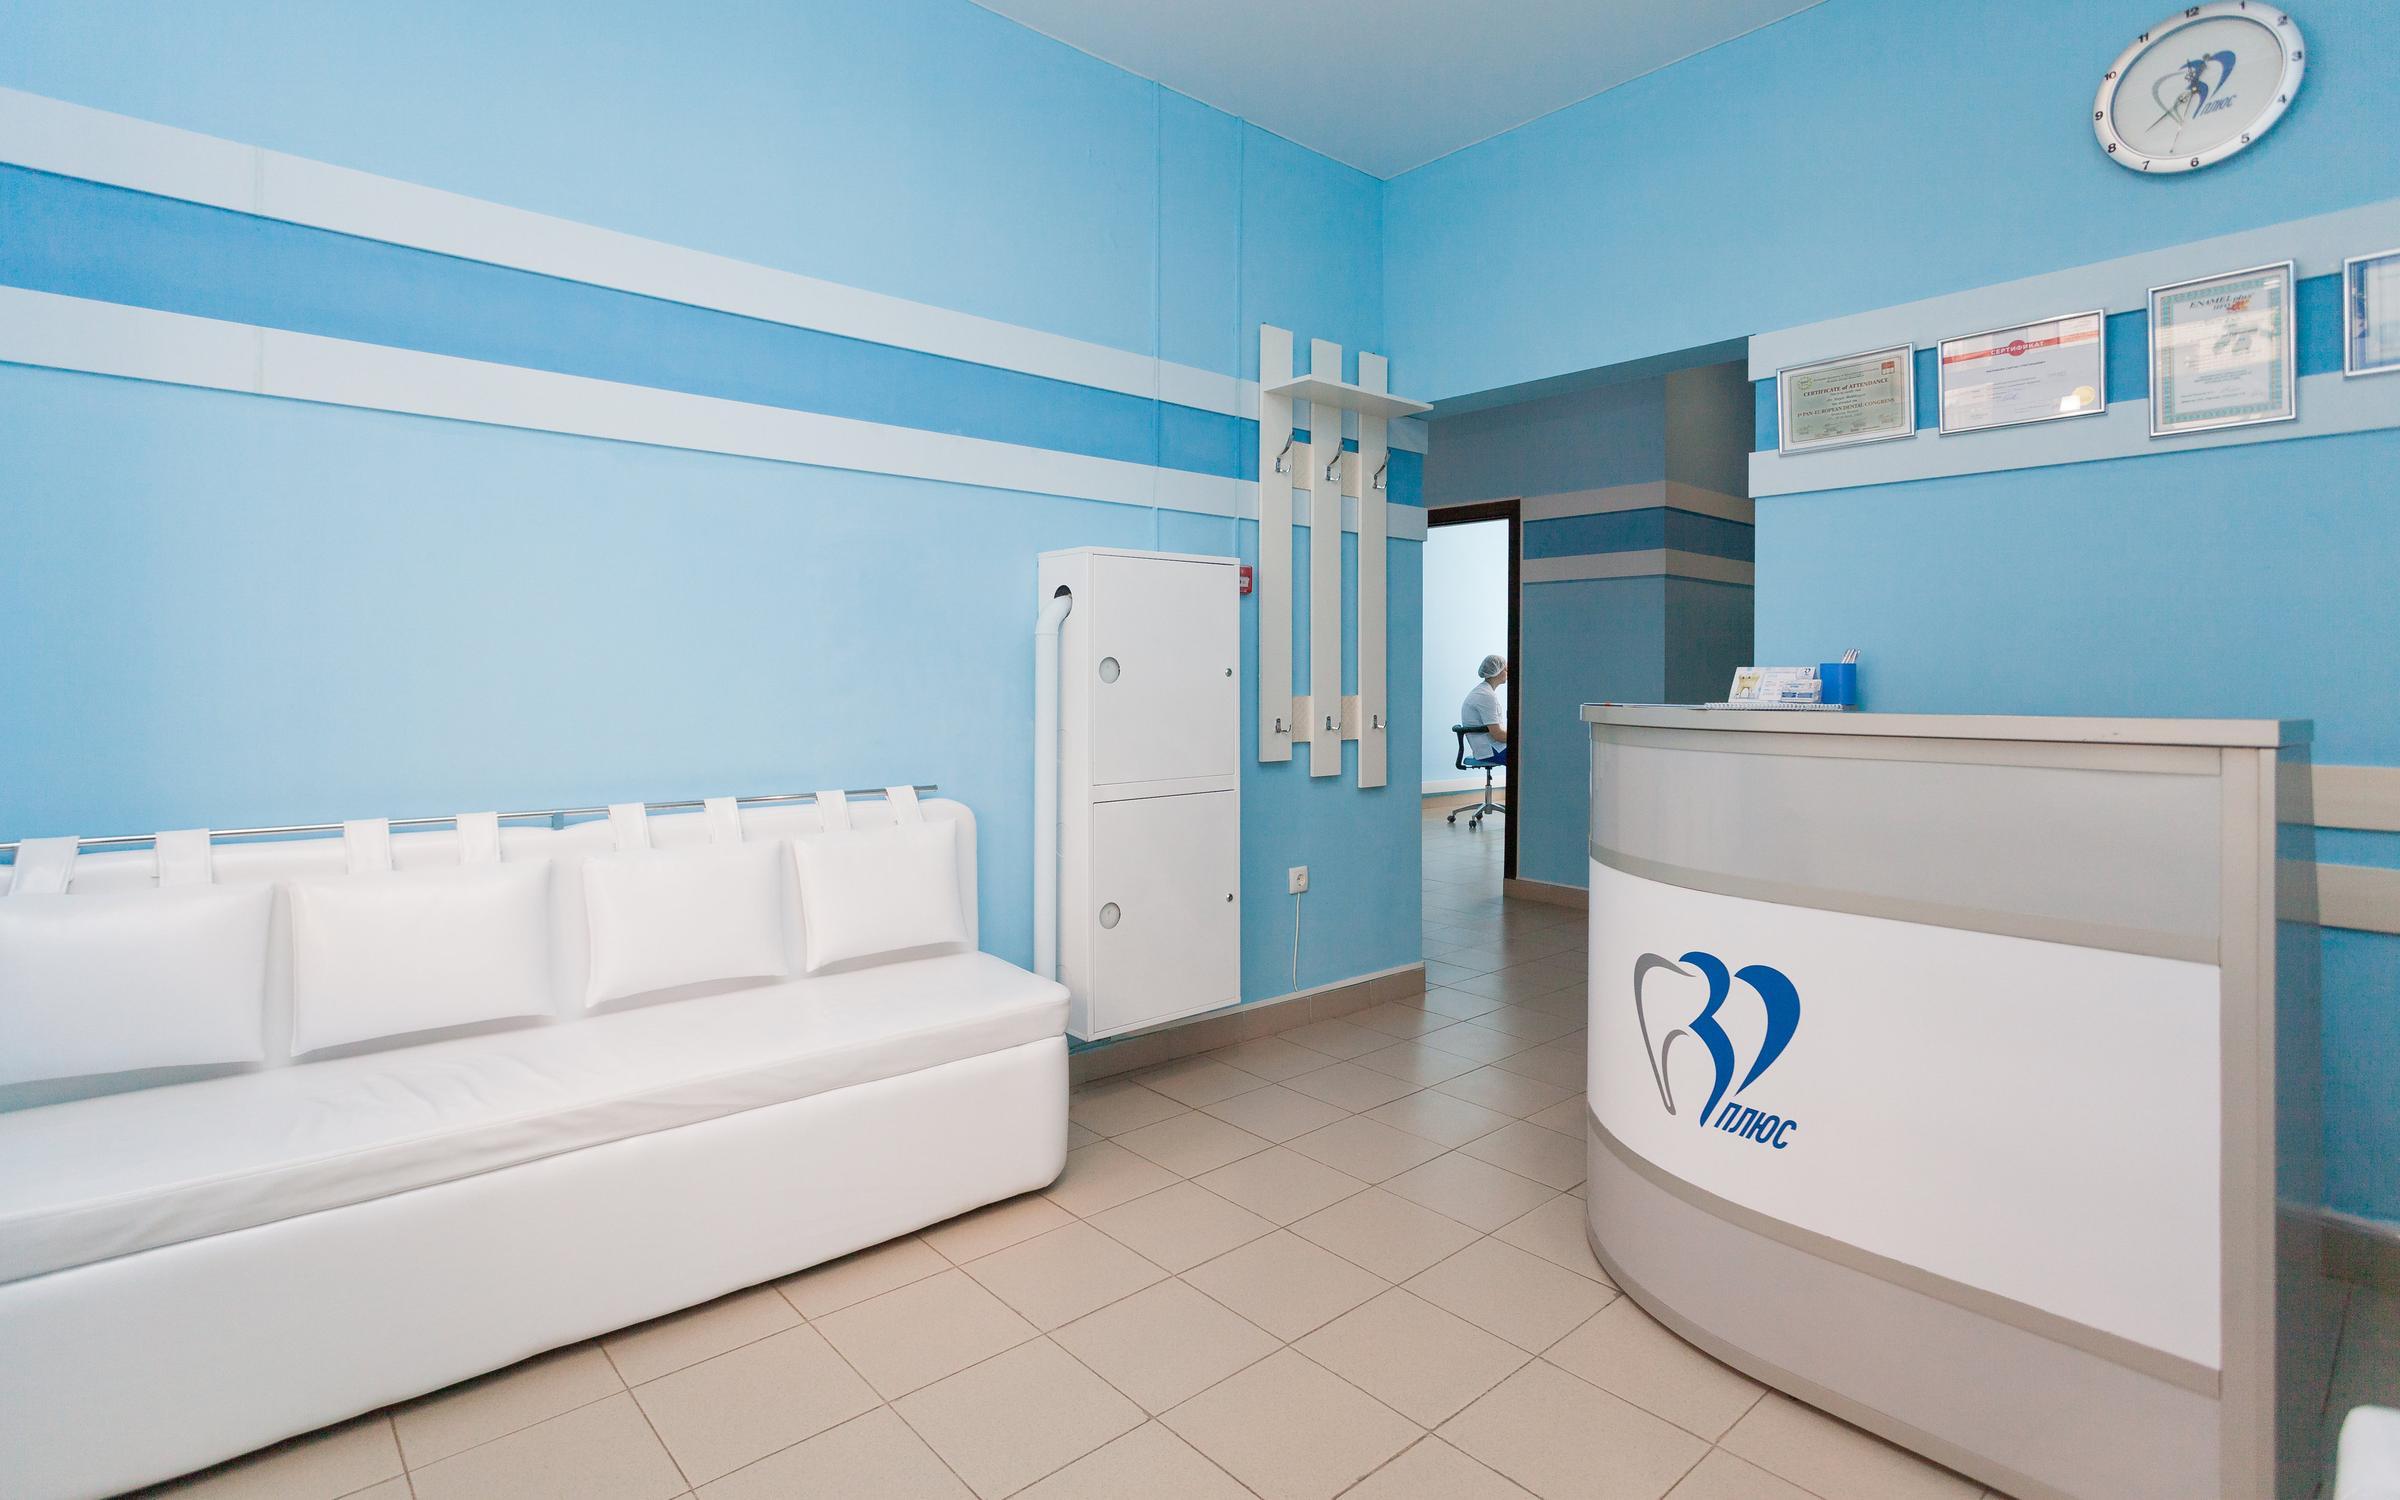 фотография Стоматологической клиники 32+ на улице Героев-Разведчиков